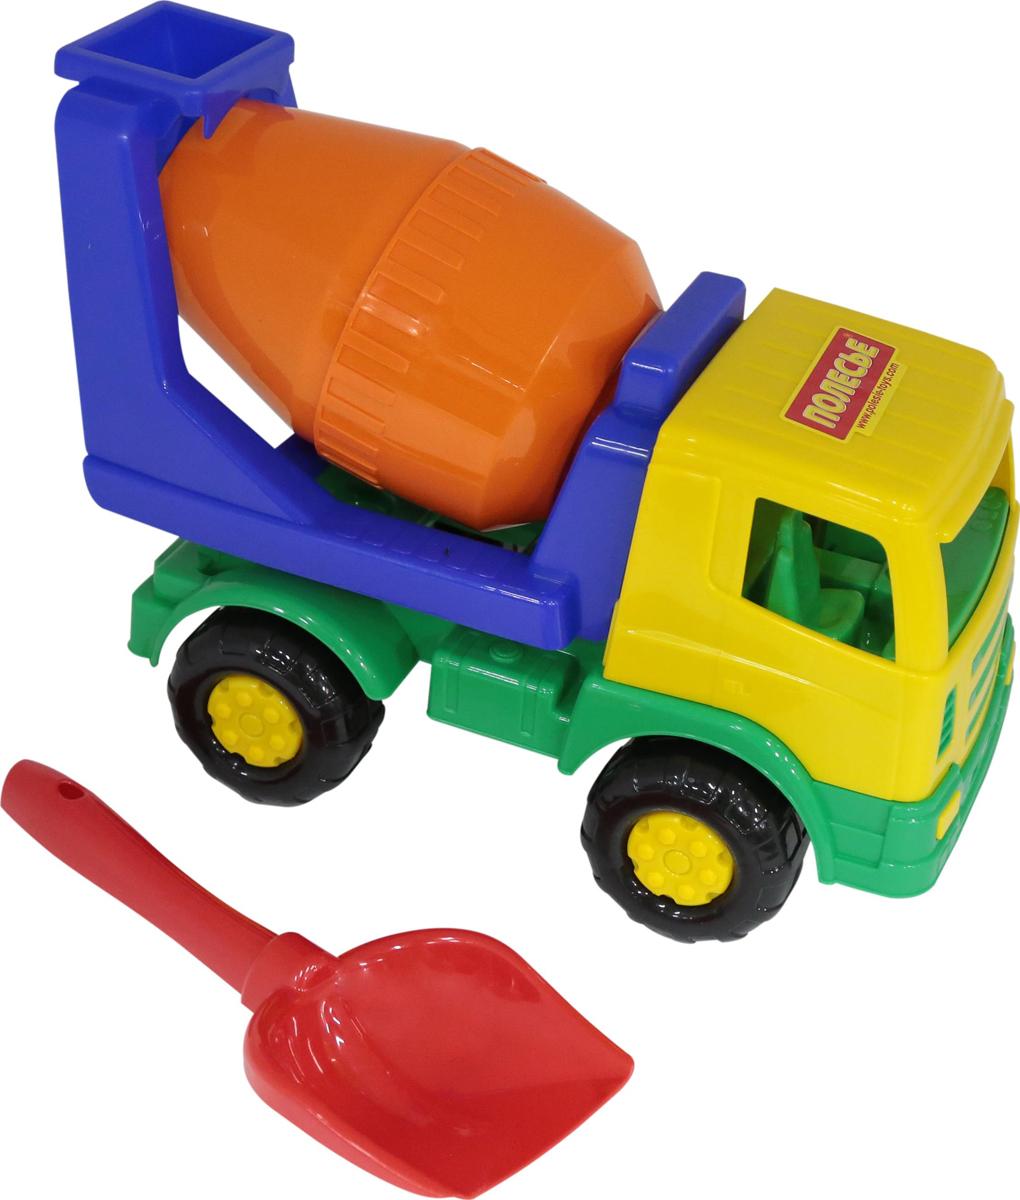 Полесье Набор игрушек для песочницы №187 Мираж, цвет в ассортименте полесье набор игрушек для песочницы 467 цвет в ассортименте